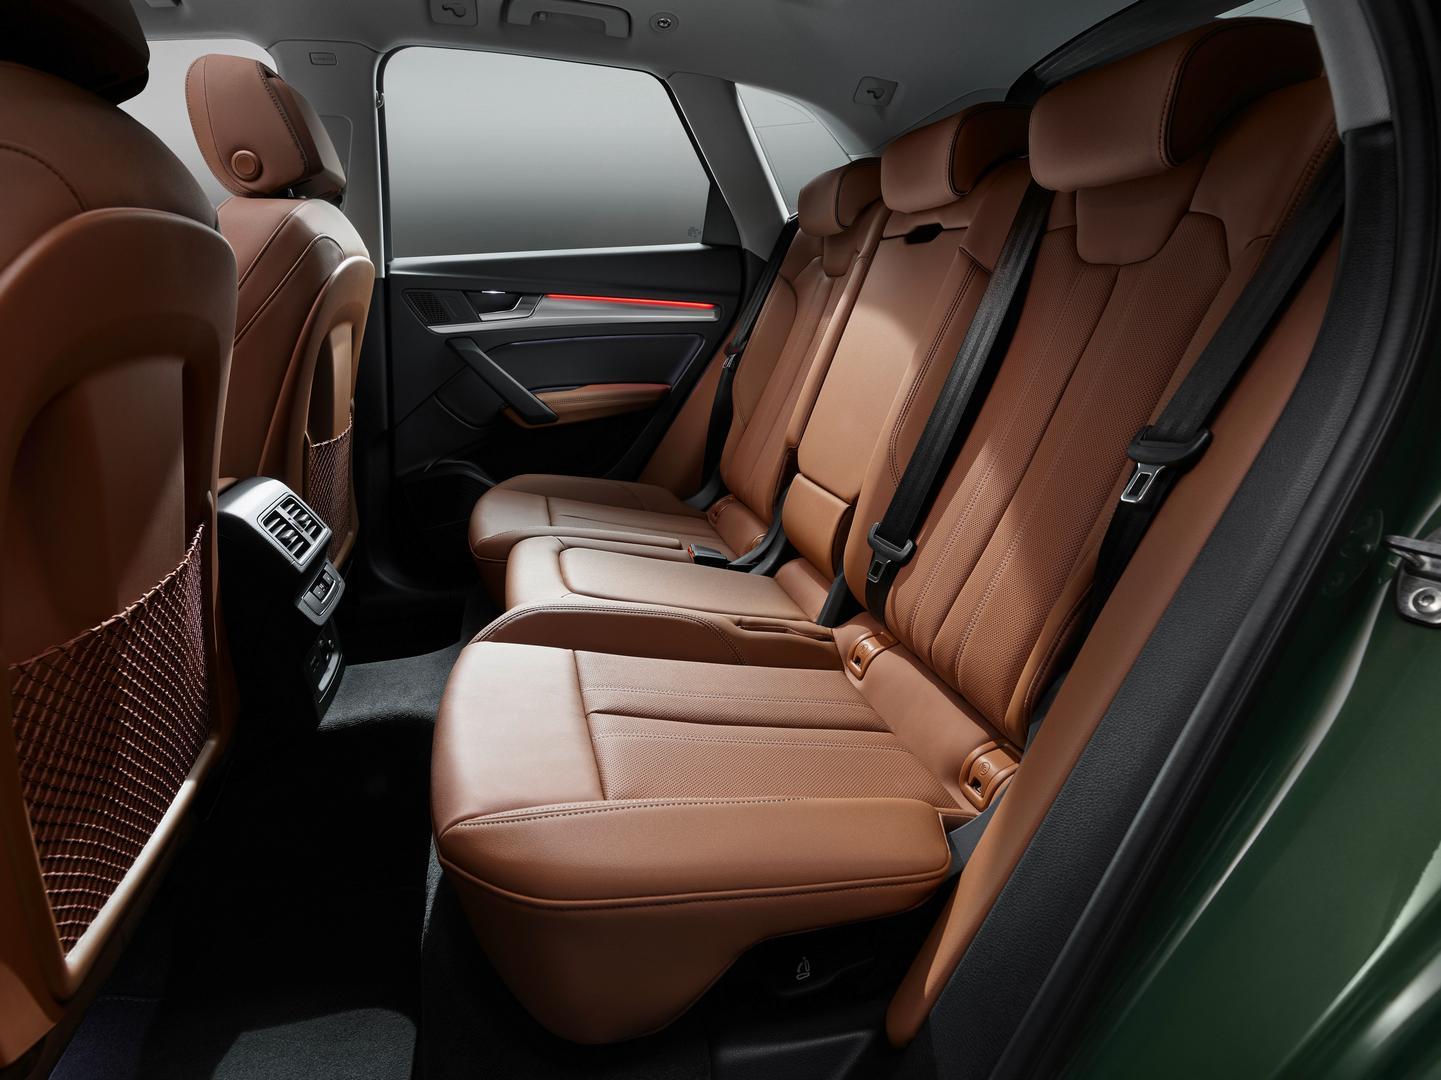 2021 Audi Q5 Rear Seats